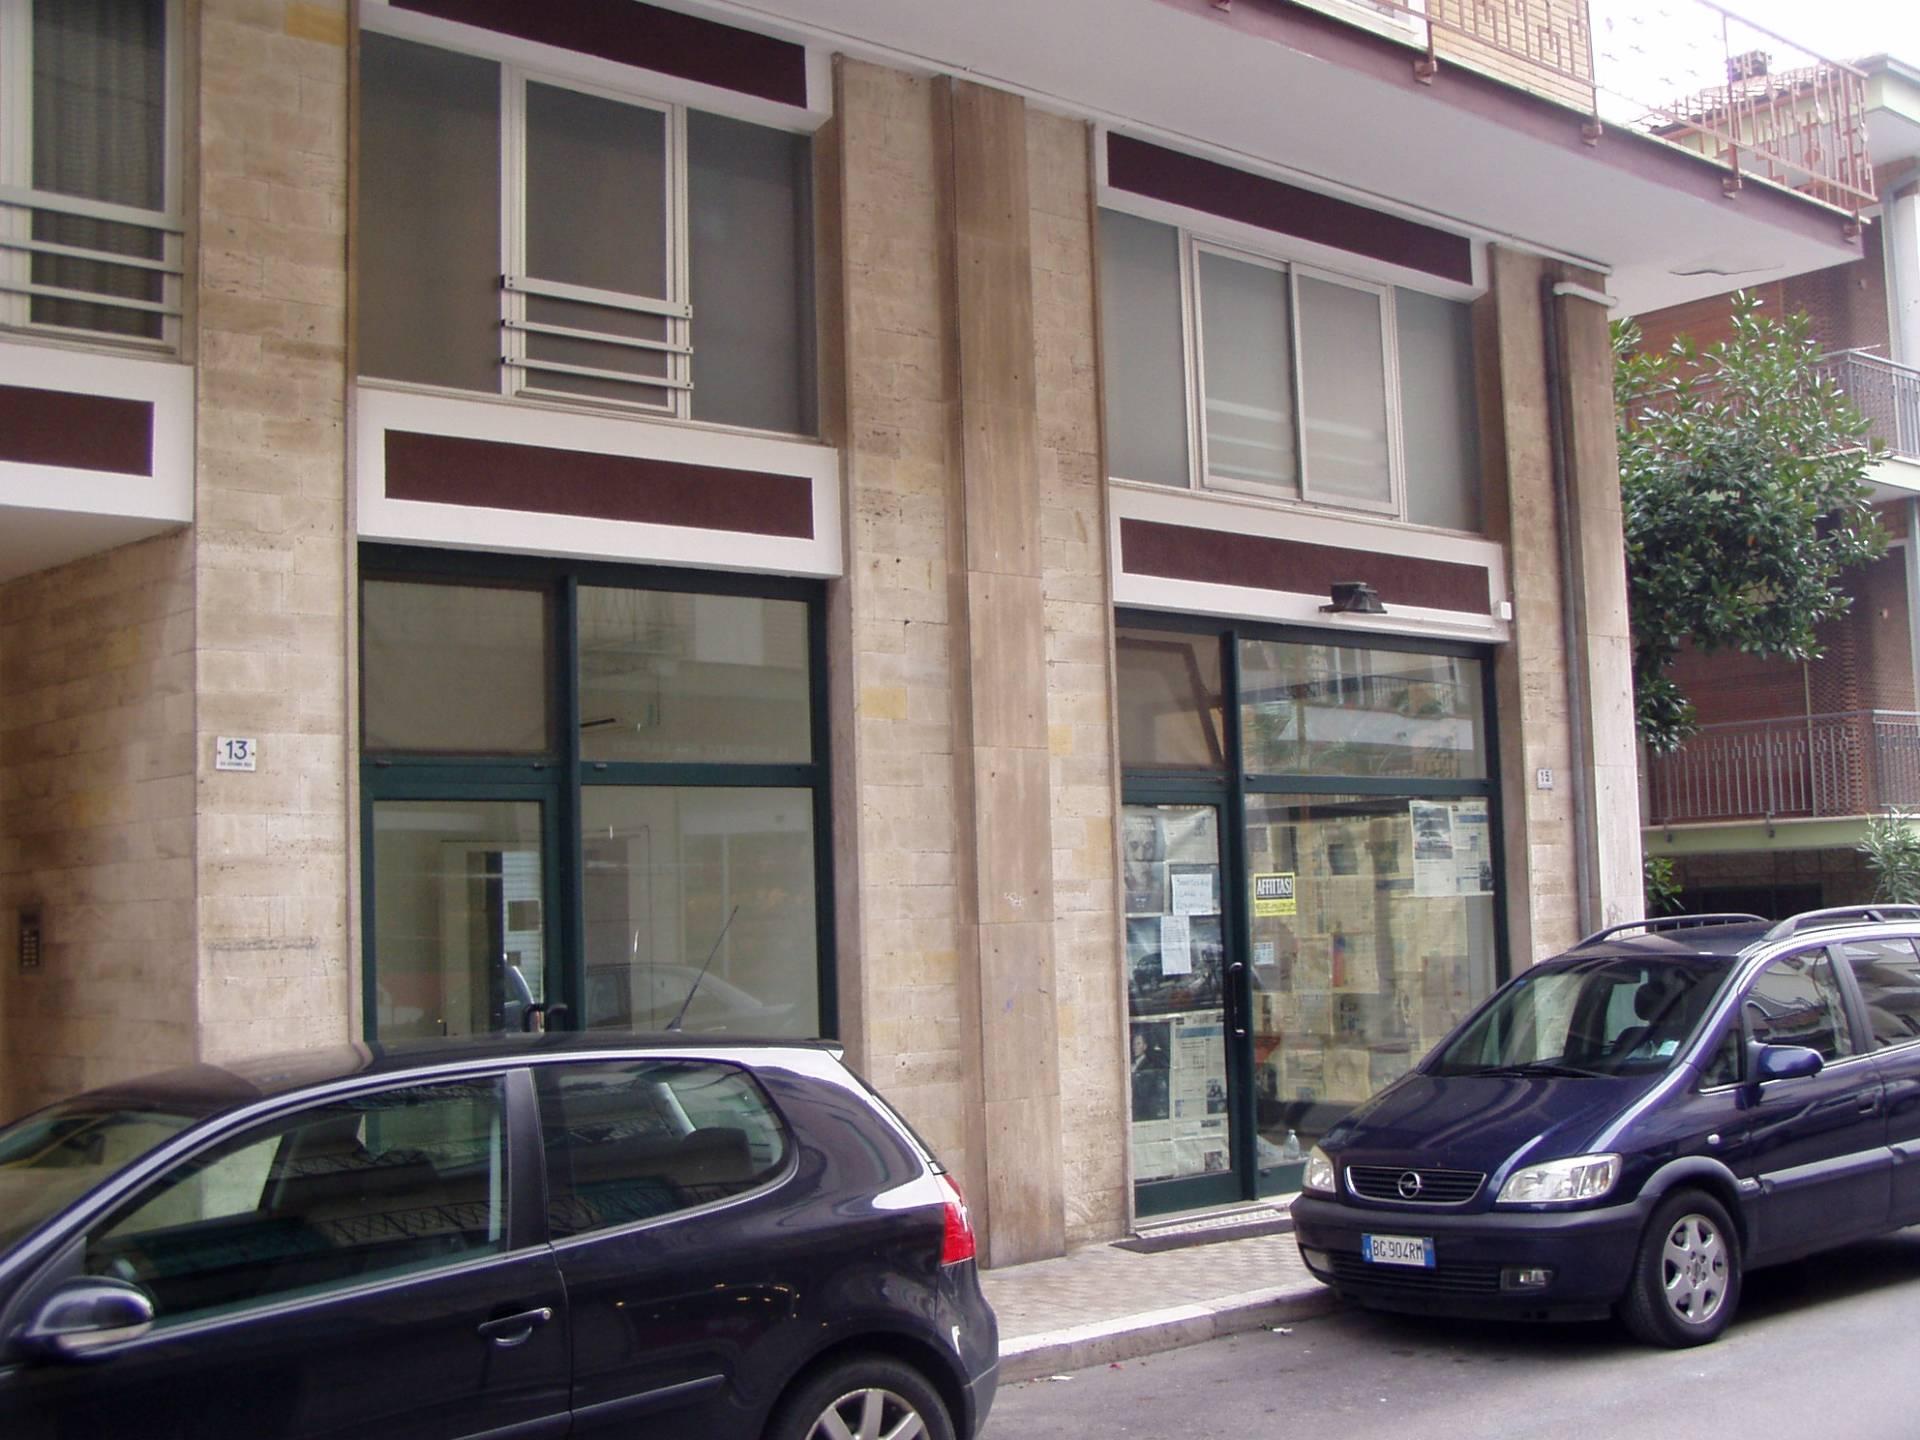 Negozio / Locale in affitto a San Benedetto del Tronto, 9999 locali, zona Località: ZonaCentrale, prezzo € 850 | Cambio Casa.it